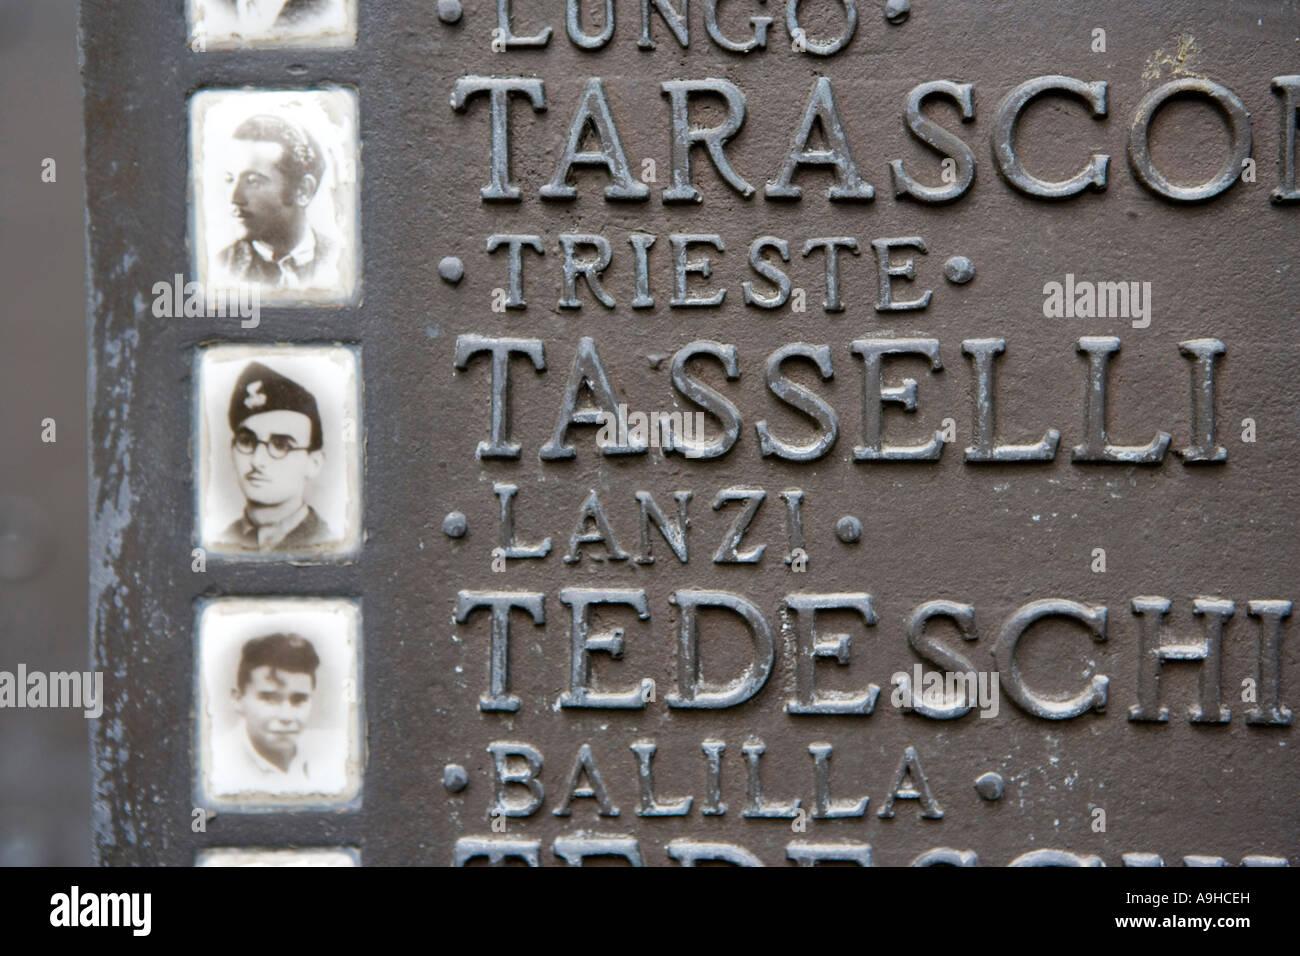 Partisans Memorial Reggio nell Emilia Emilia Romagna Italy - Stock Image 1c3941045ca